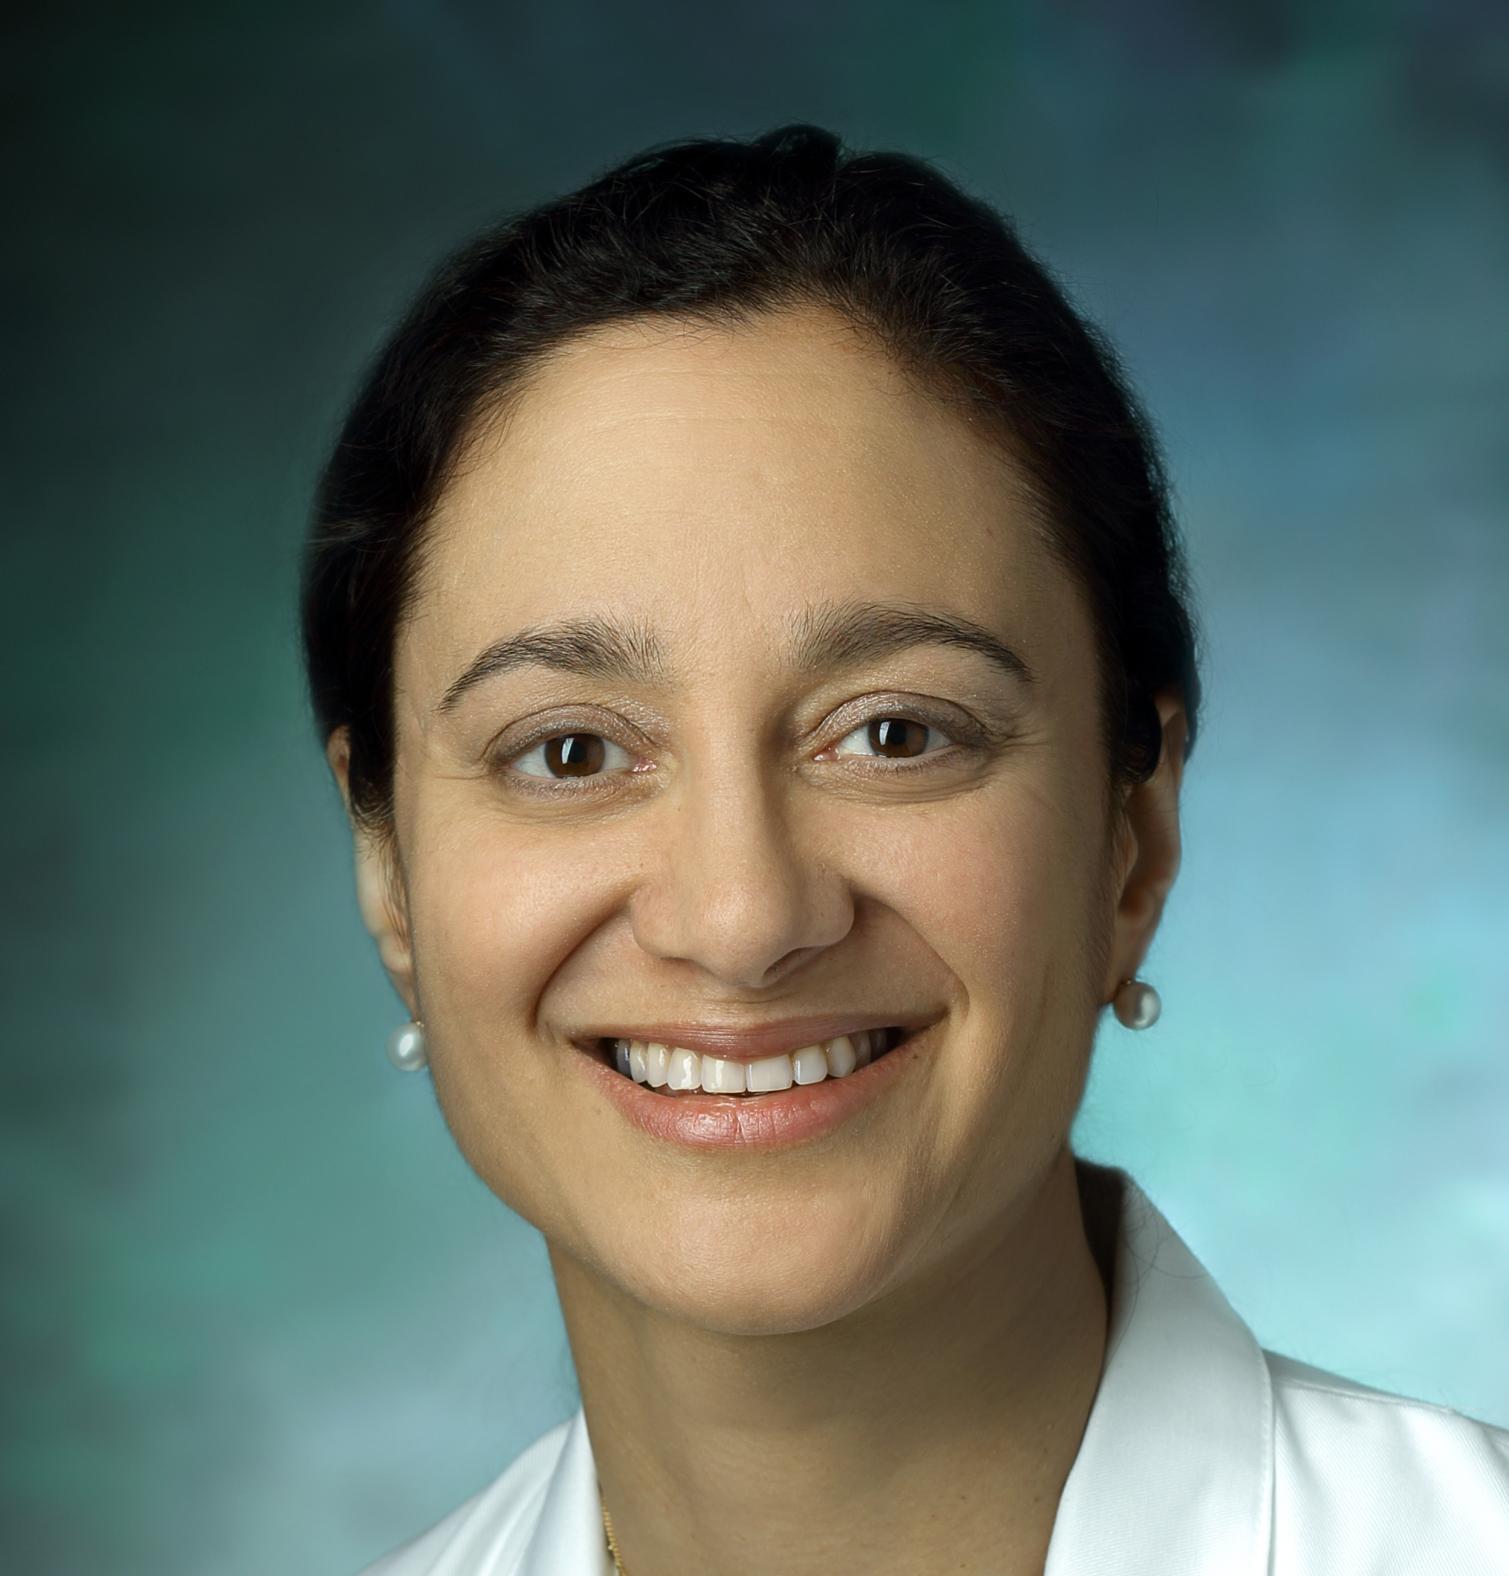 Dr. Akila Viswanathan